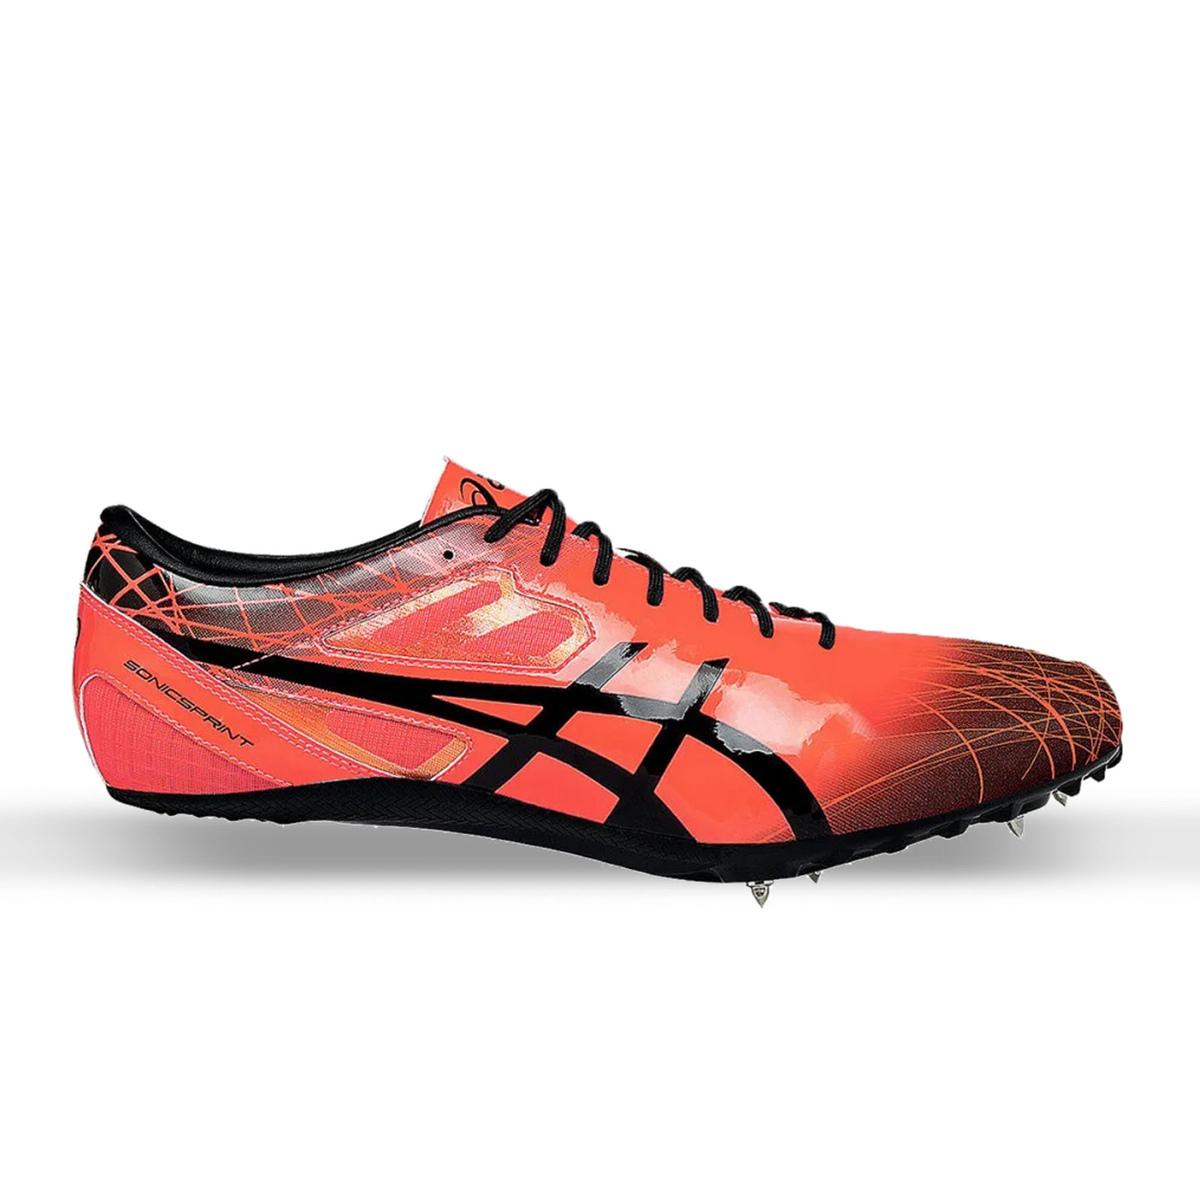 Chiodate Vendita Sport Scarpe Running Specialistiche Proposte A8 Cq8tnSq